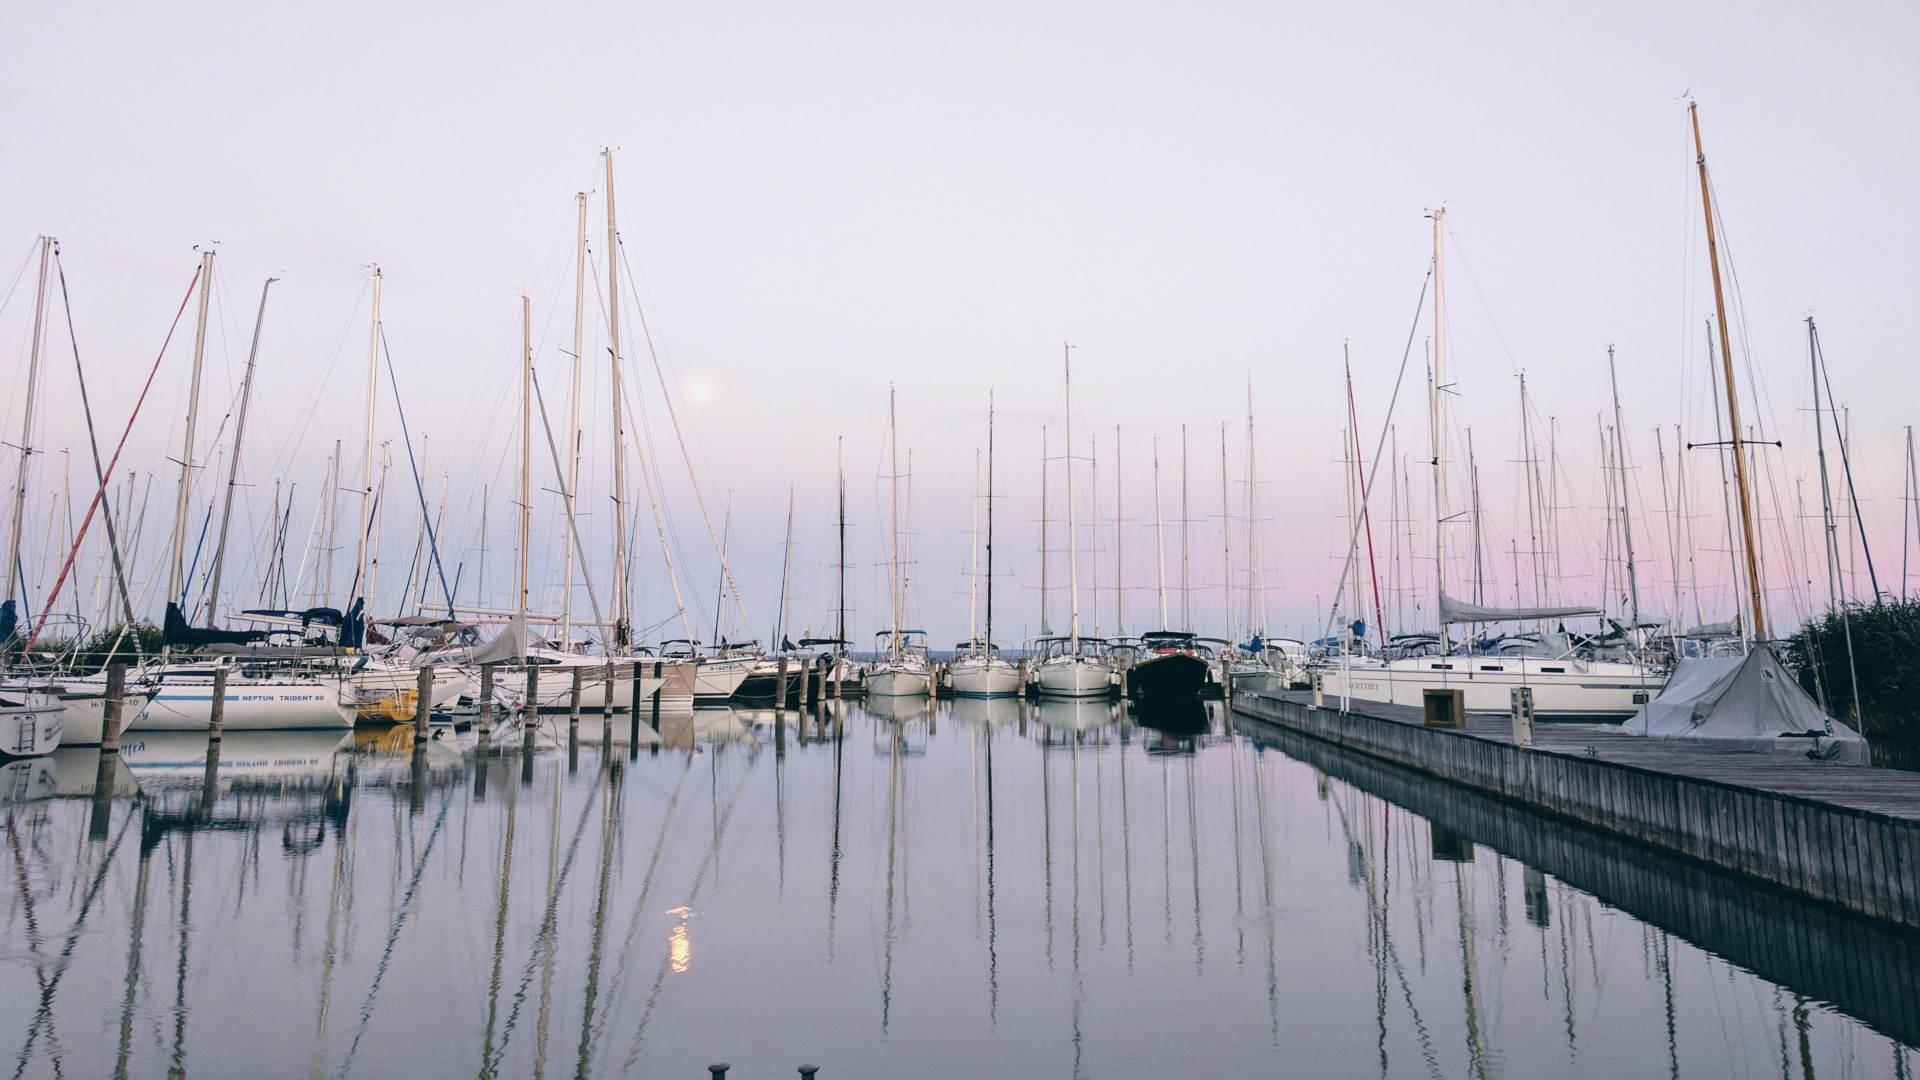 Yachten im Hafen mit Reflektionen zeigen Yachtcharter für Segler Korfu Segeln